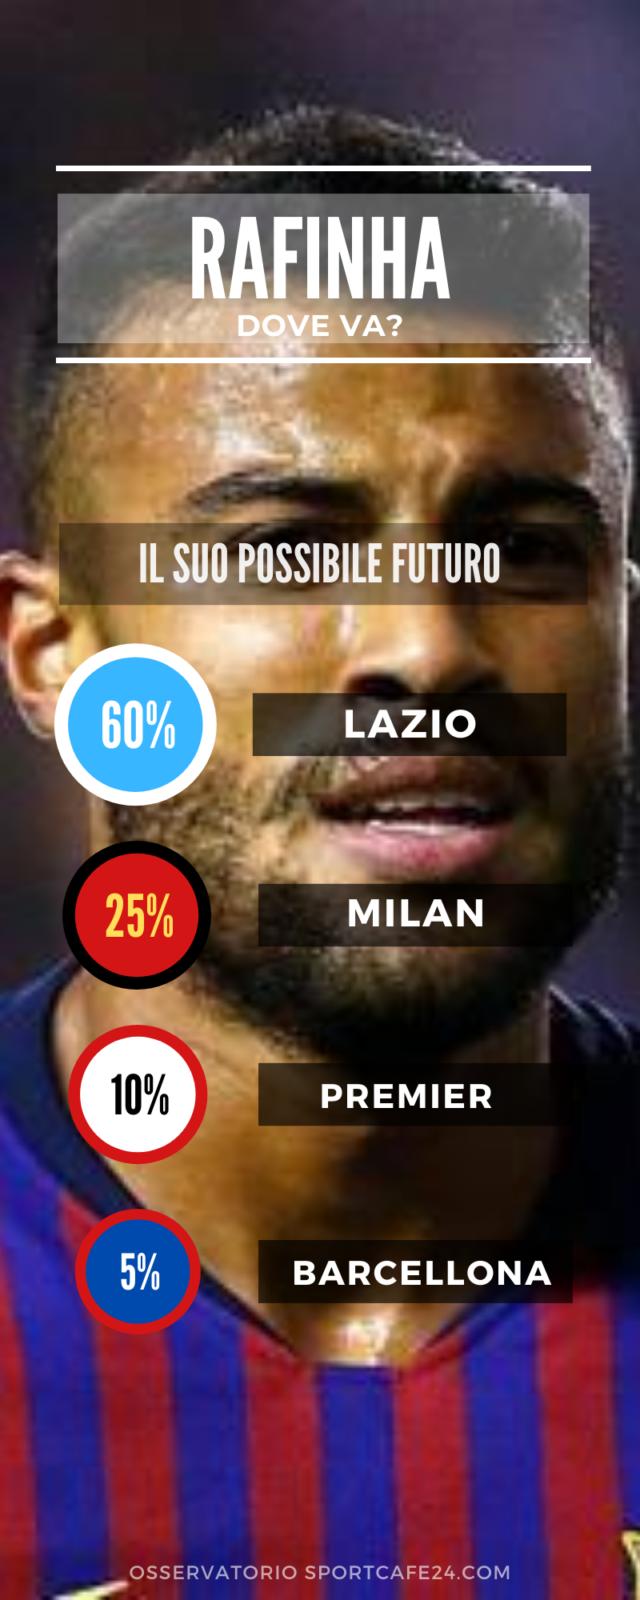 Rafinha andrà alla Lazio?